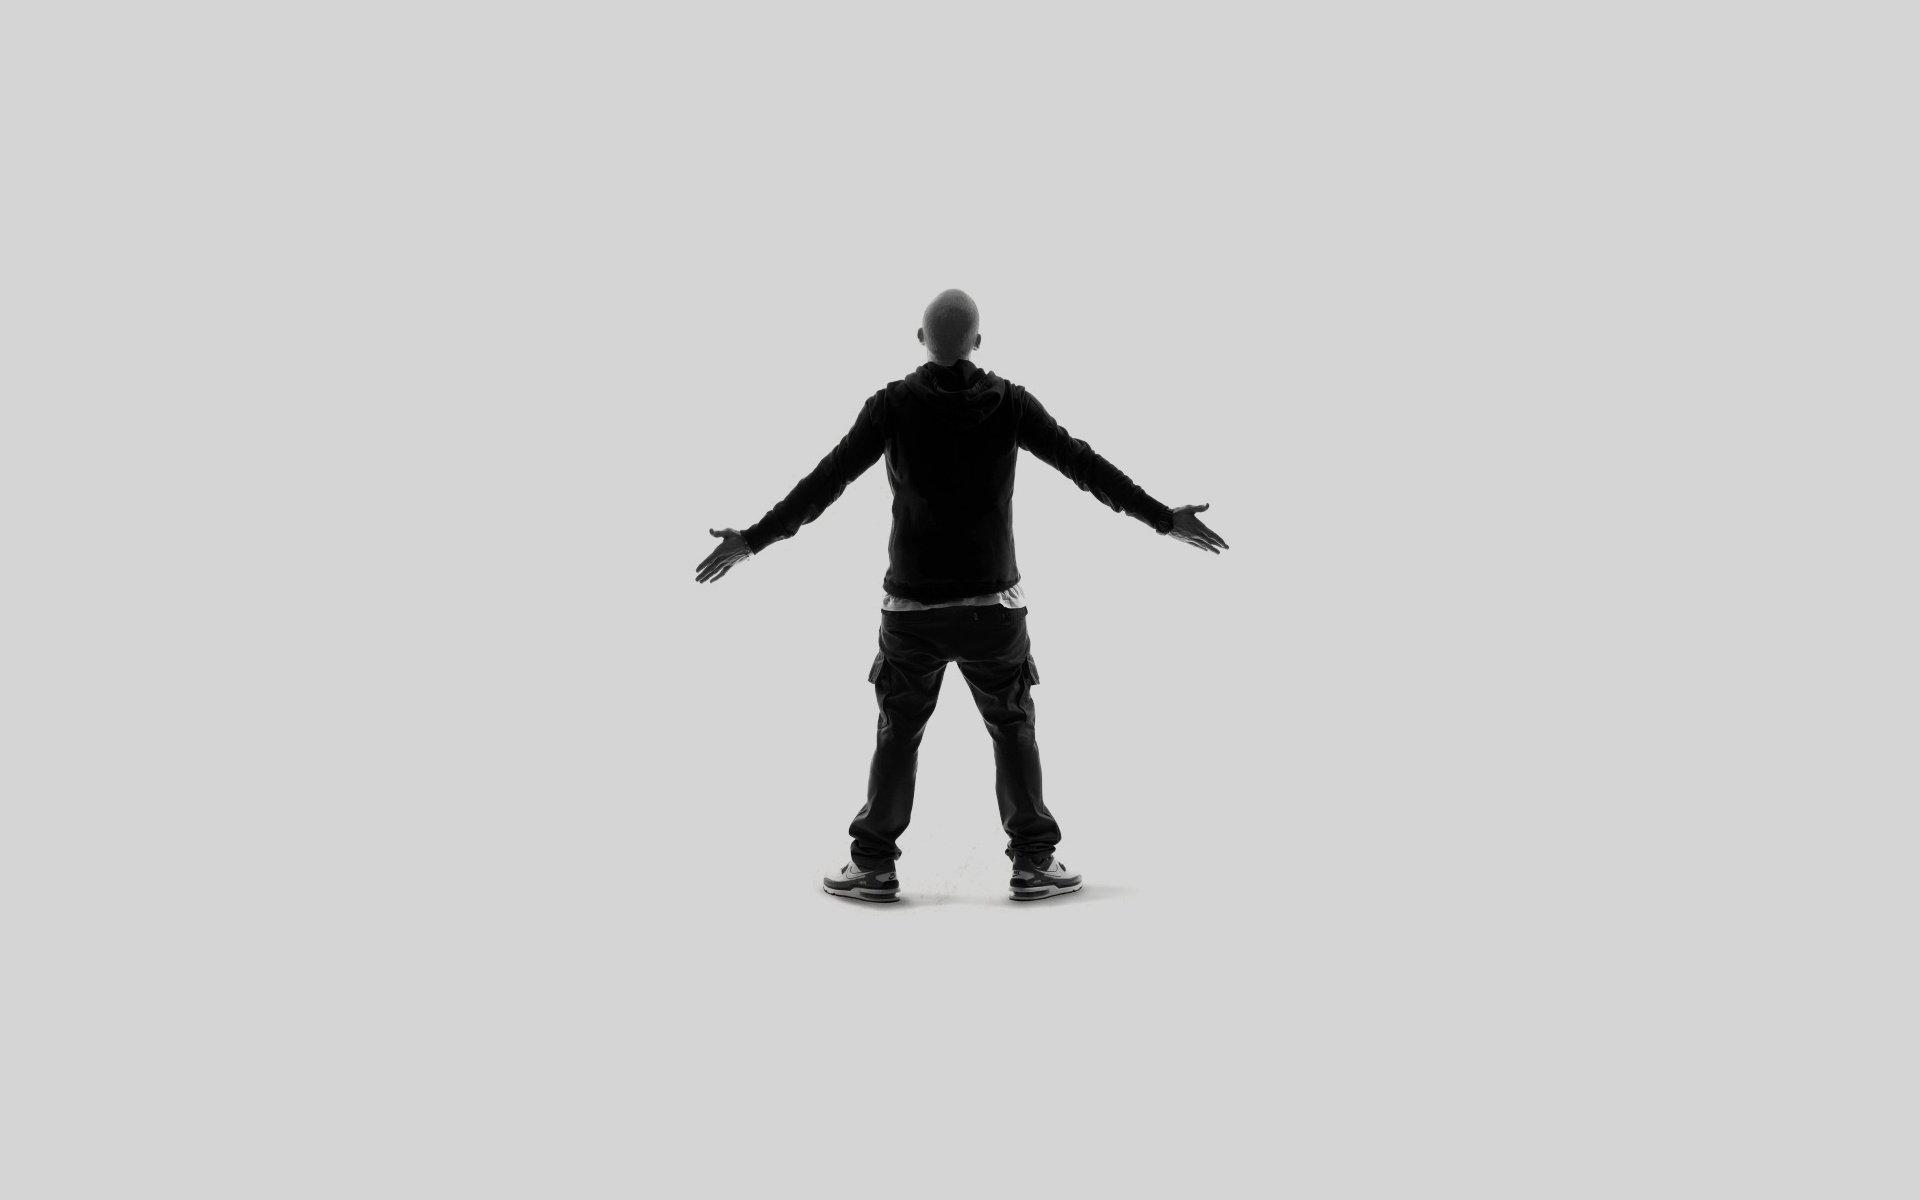 mmlp2_eminem_rap_god_hip_hop_1920x1200